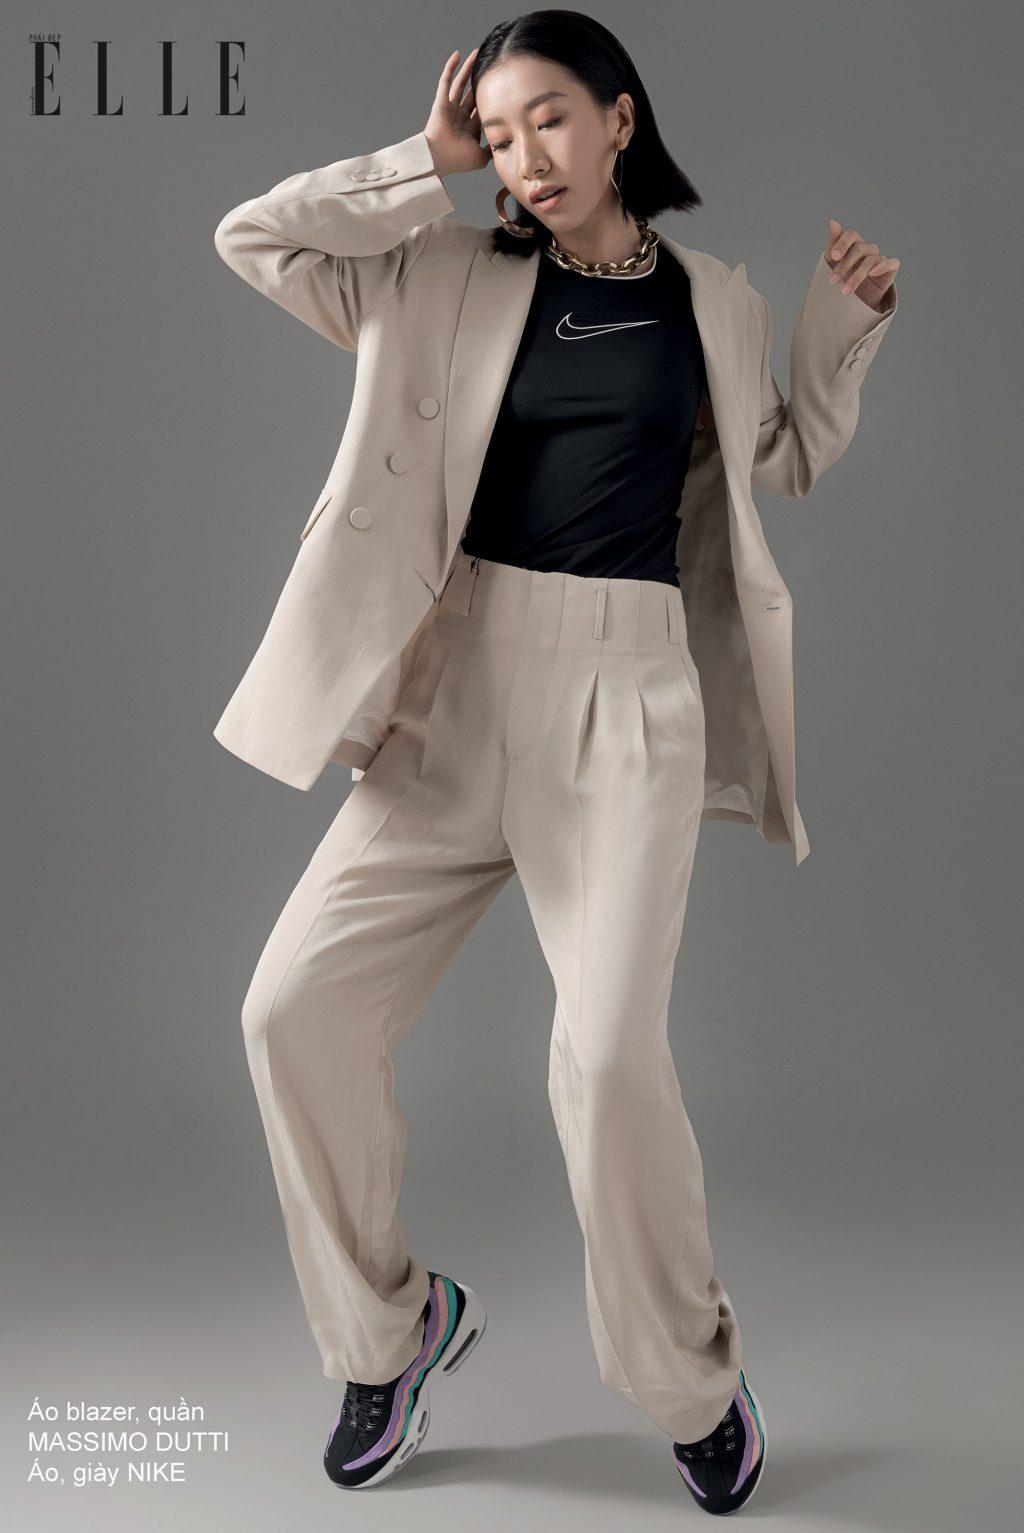 phong cách thể thao với suit và áo phông nike